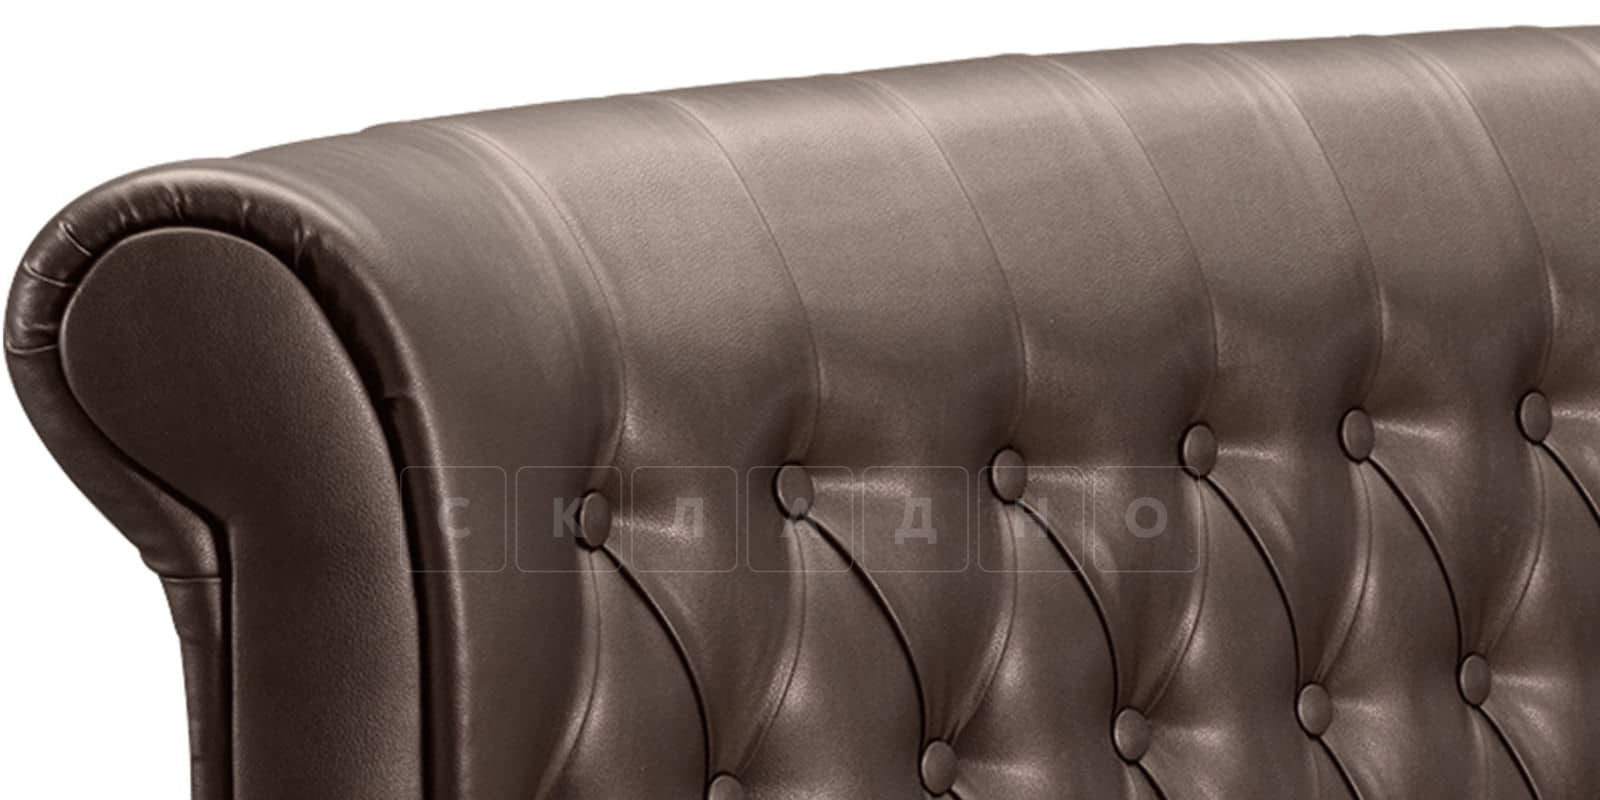 Мягкая кровать Вирджиния 160см экокожа шоколадного цвета фото 5 | интернет-магазин Складно